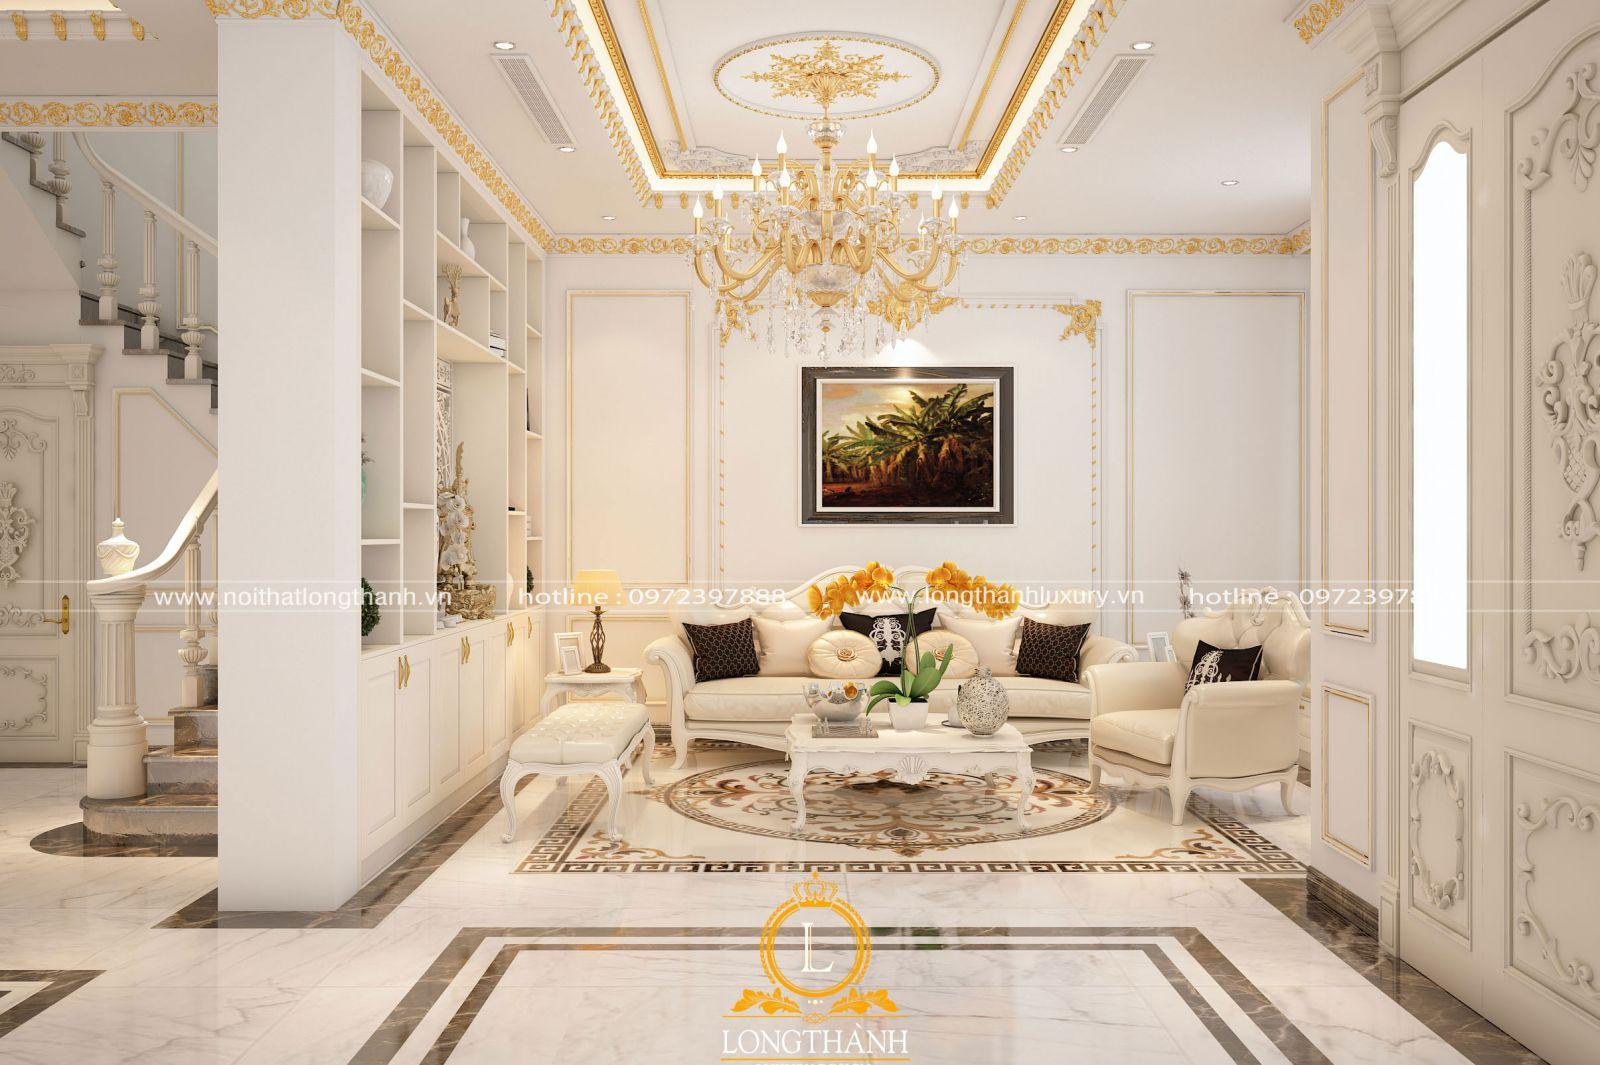 Thiết kế nội thất nhà biệt thự liền kề theo phong cách tân cổ điển màu trắng